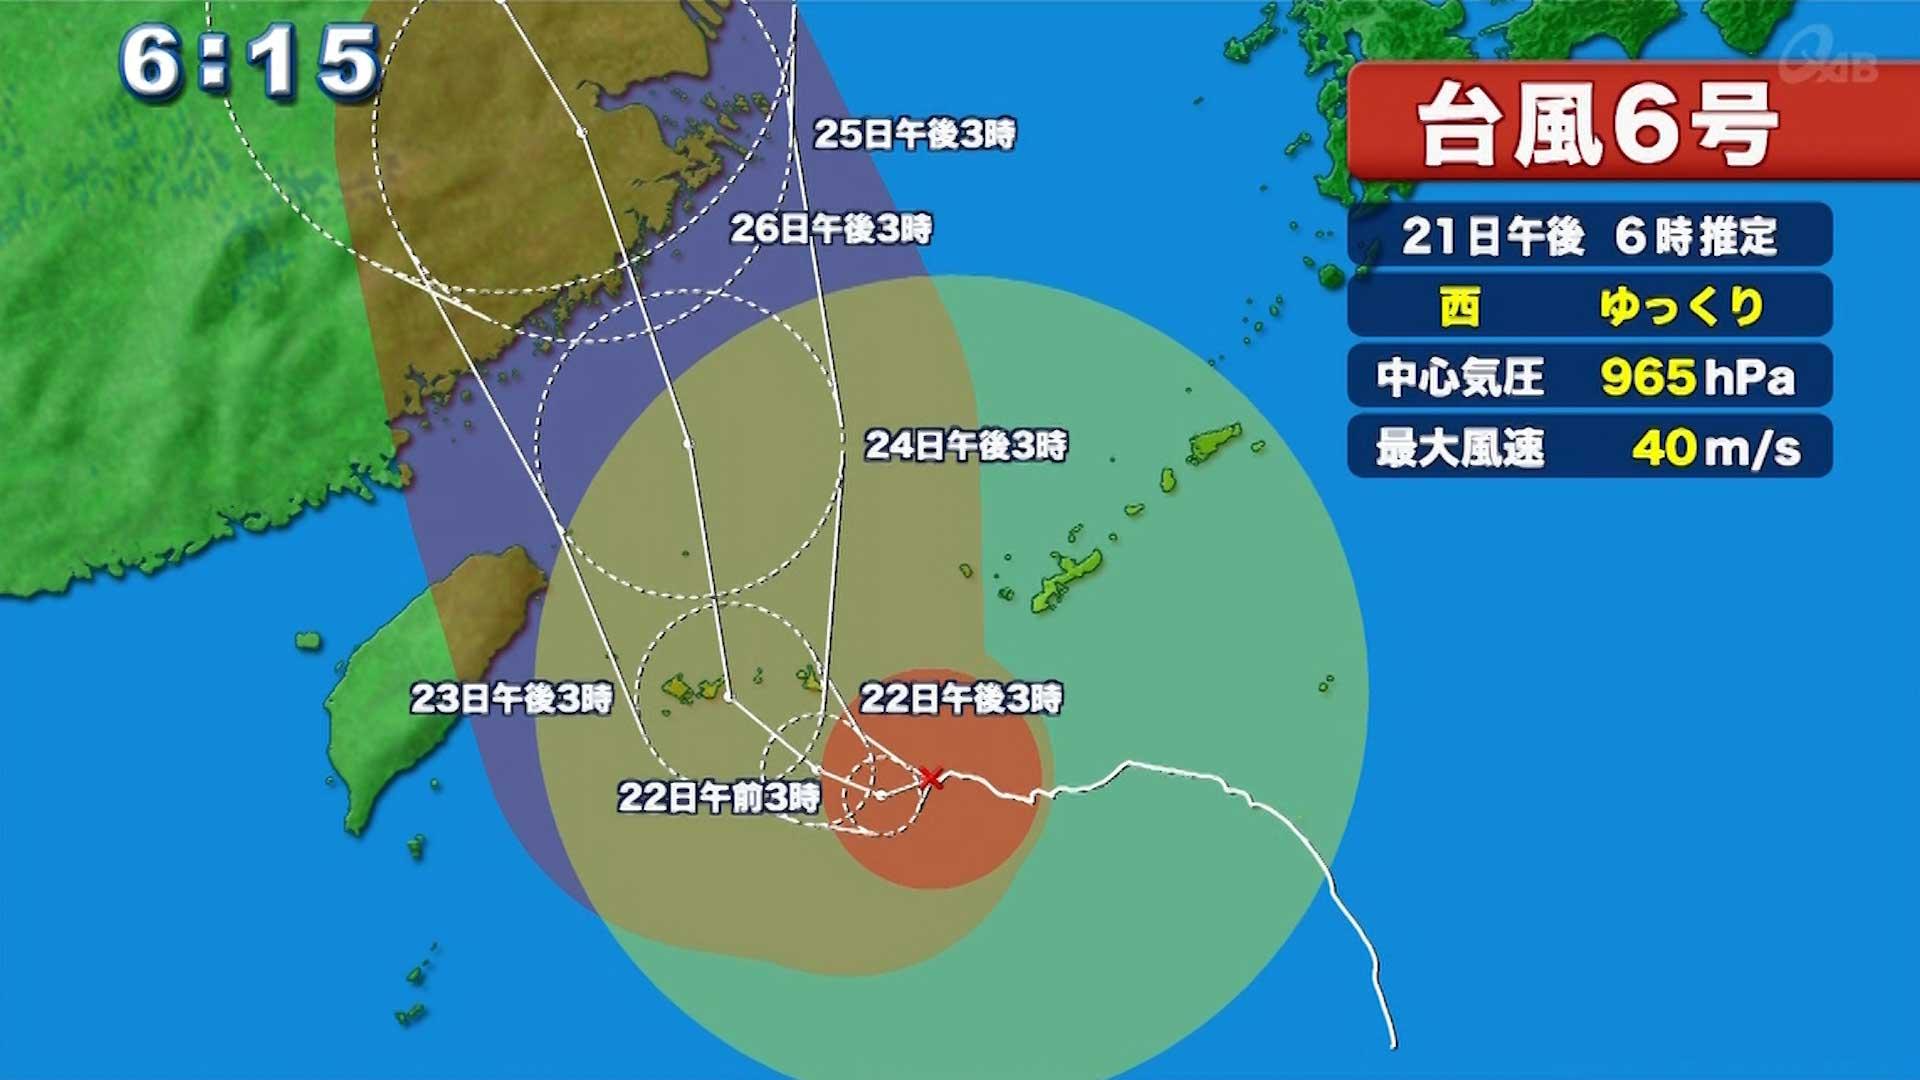 台風6号 発達しながら先島へ影響長期化